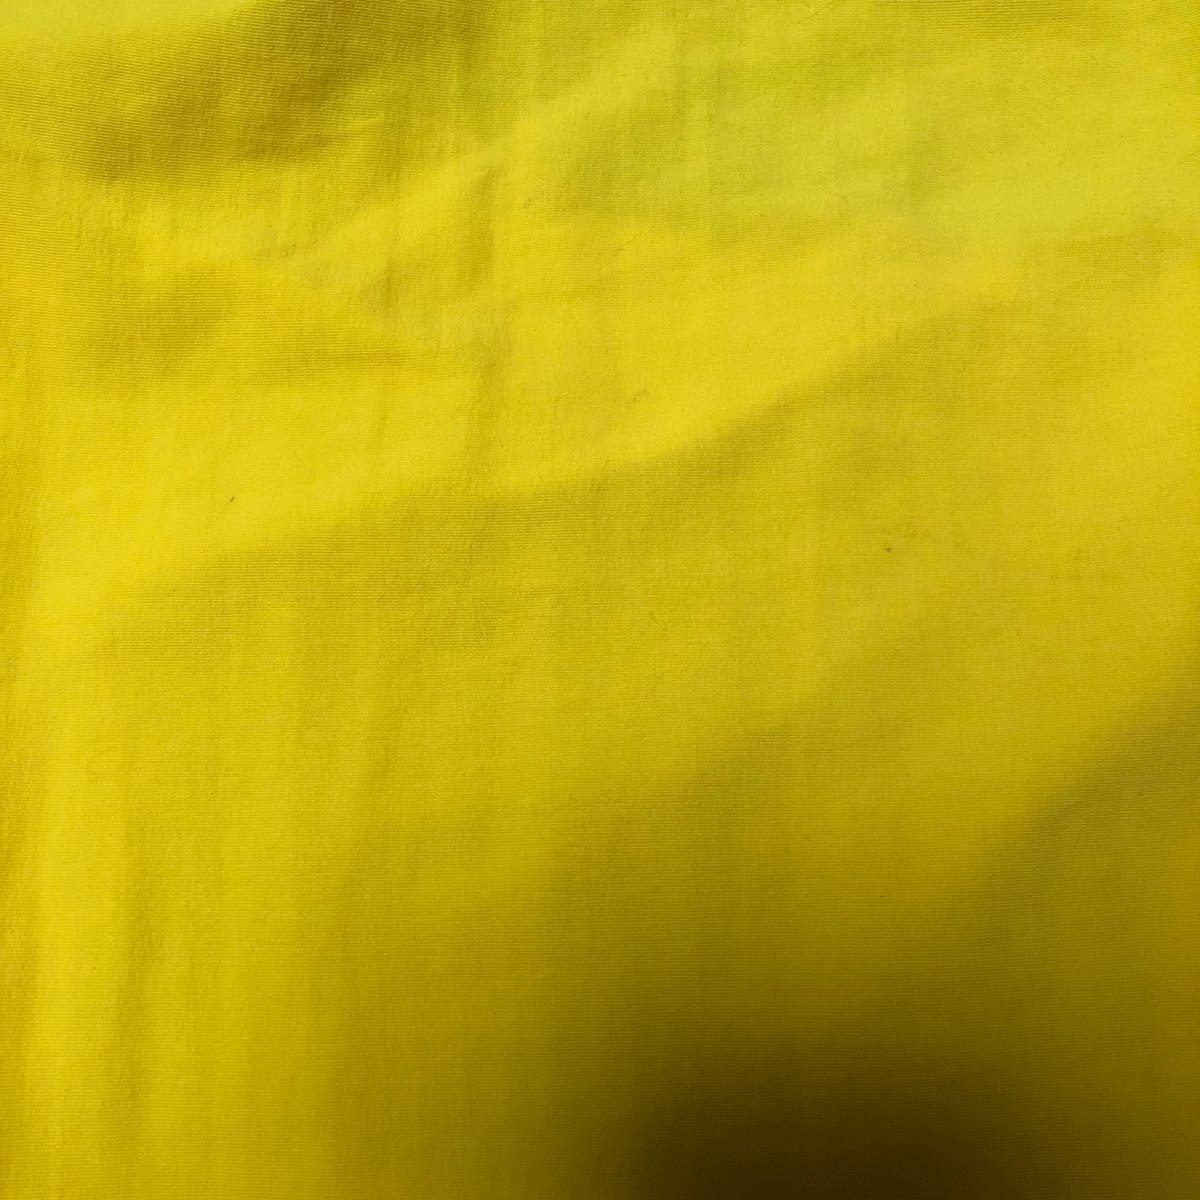 THE NORTH FACE SHORTS ザノースフェイス ショートパンツ 2XL(3L)ランニングパンツ VERSATILE